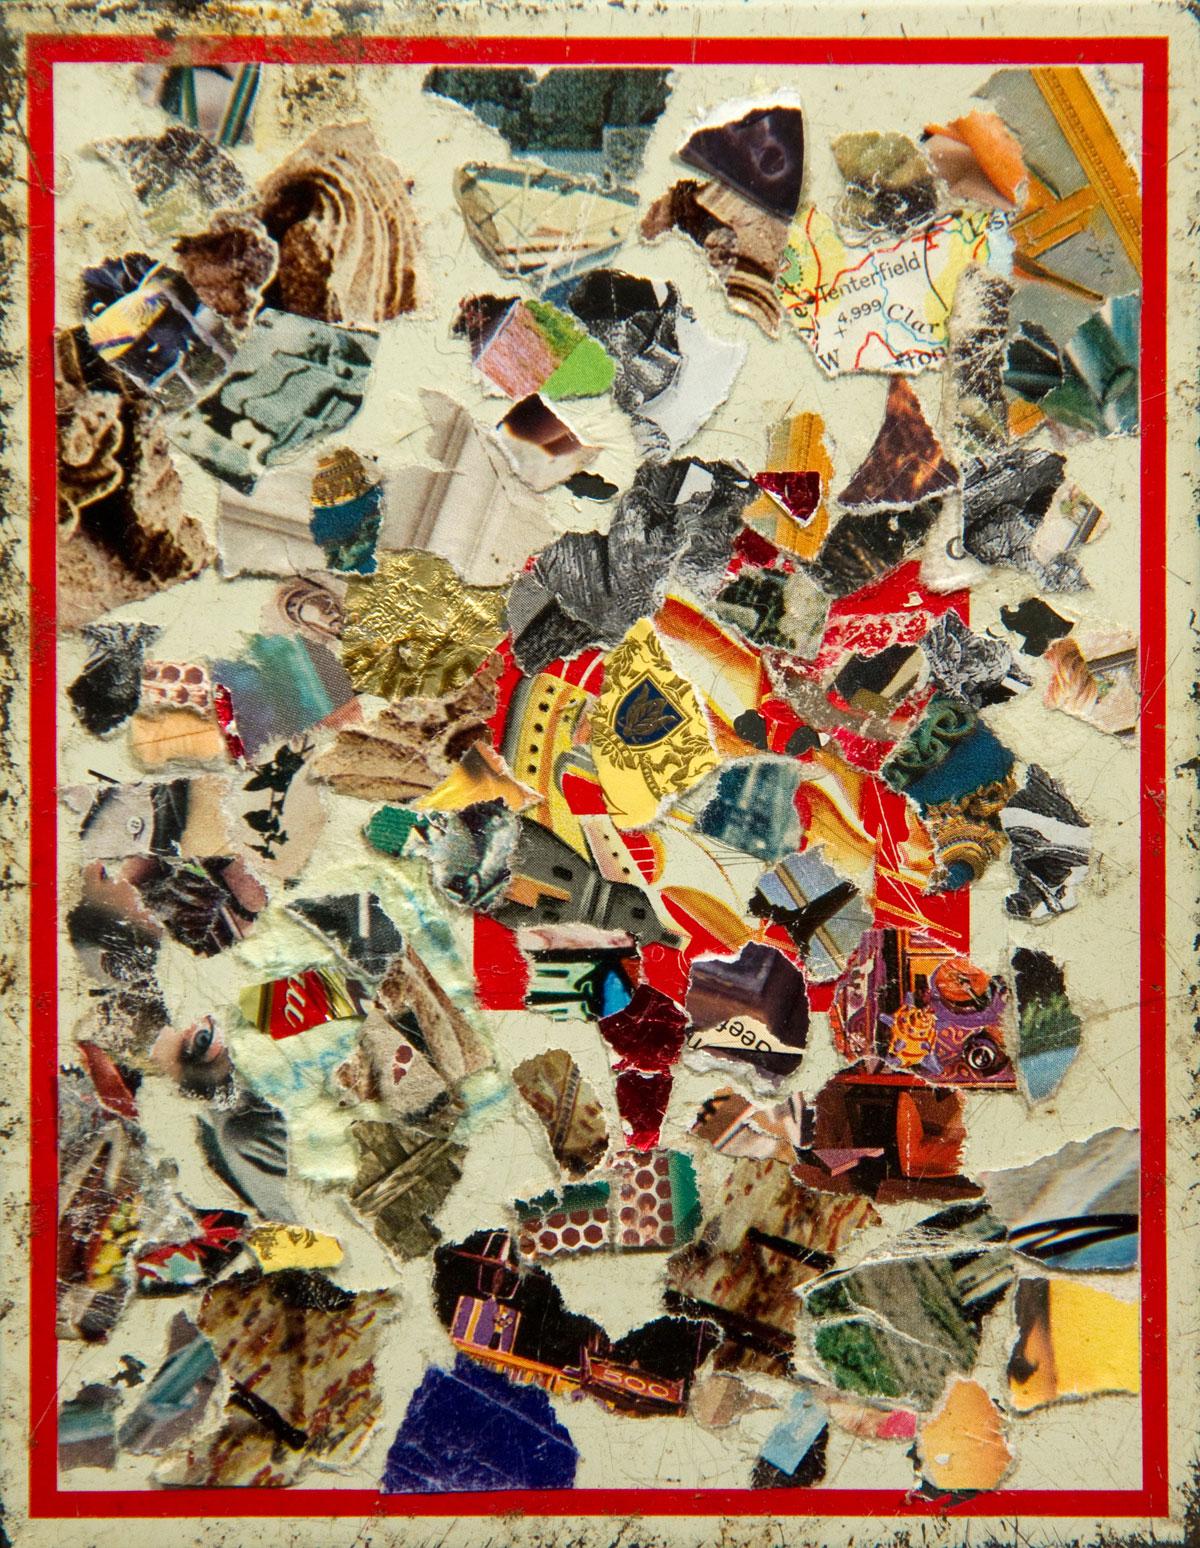 Philippe Briard - Les Transactions du goût de peindre, 2011, collage sur boîte à cigares, 14,5 x 11 cm